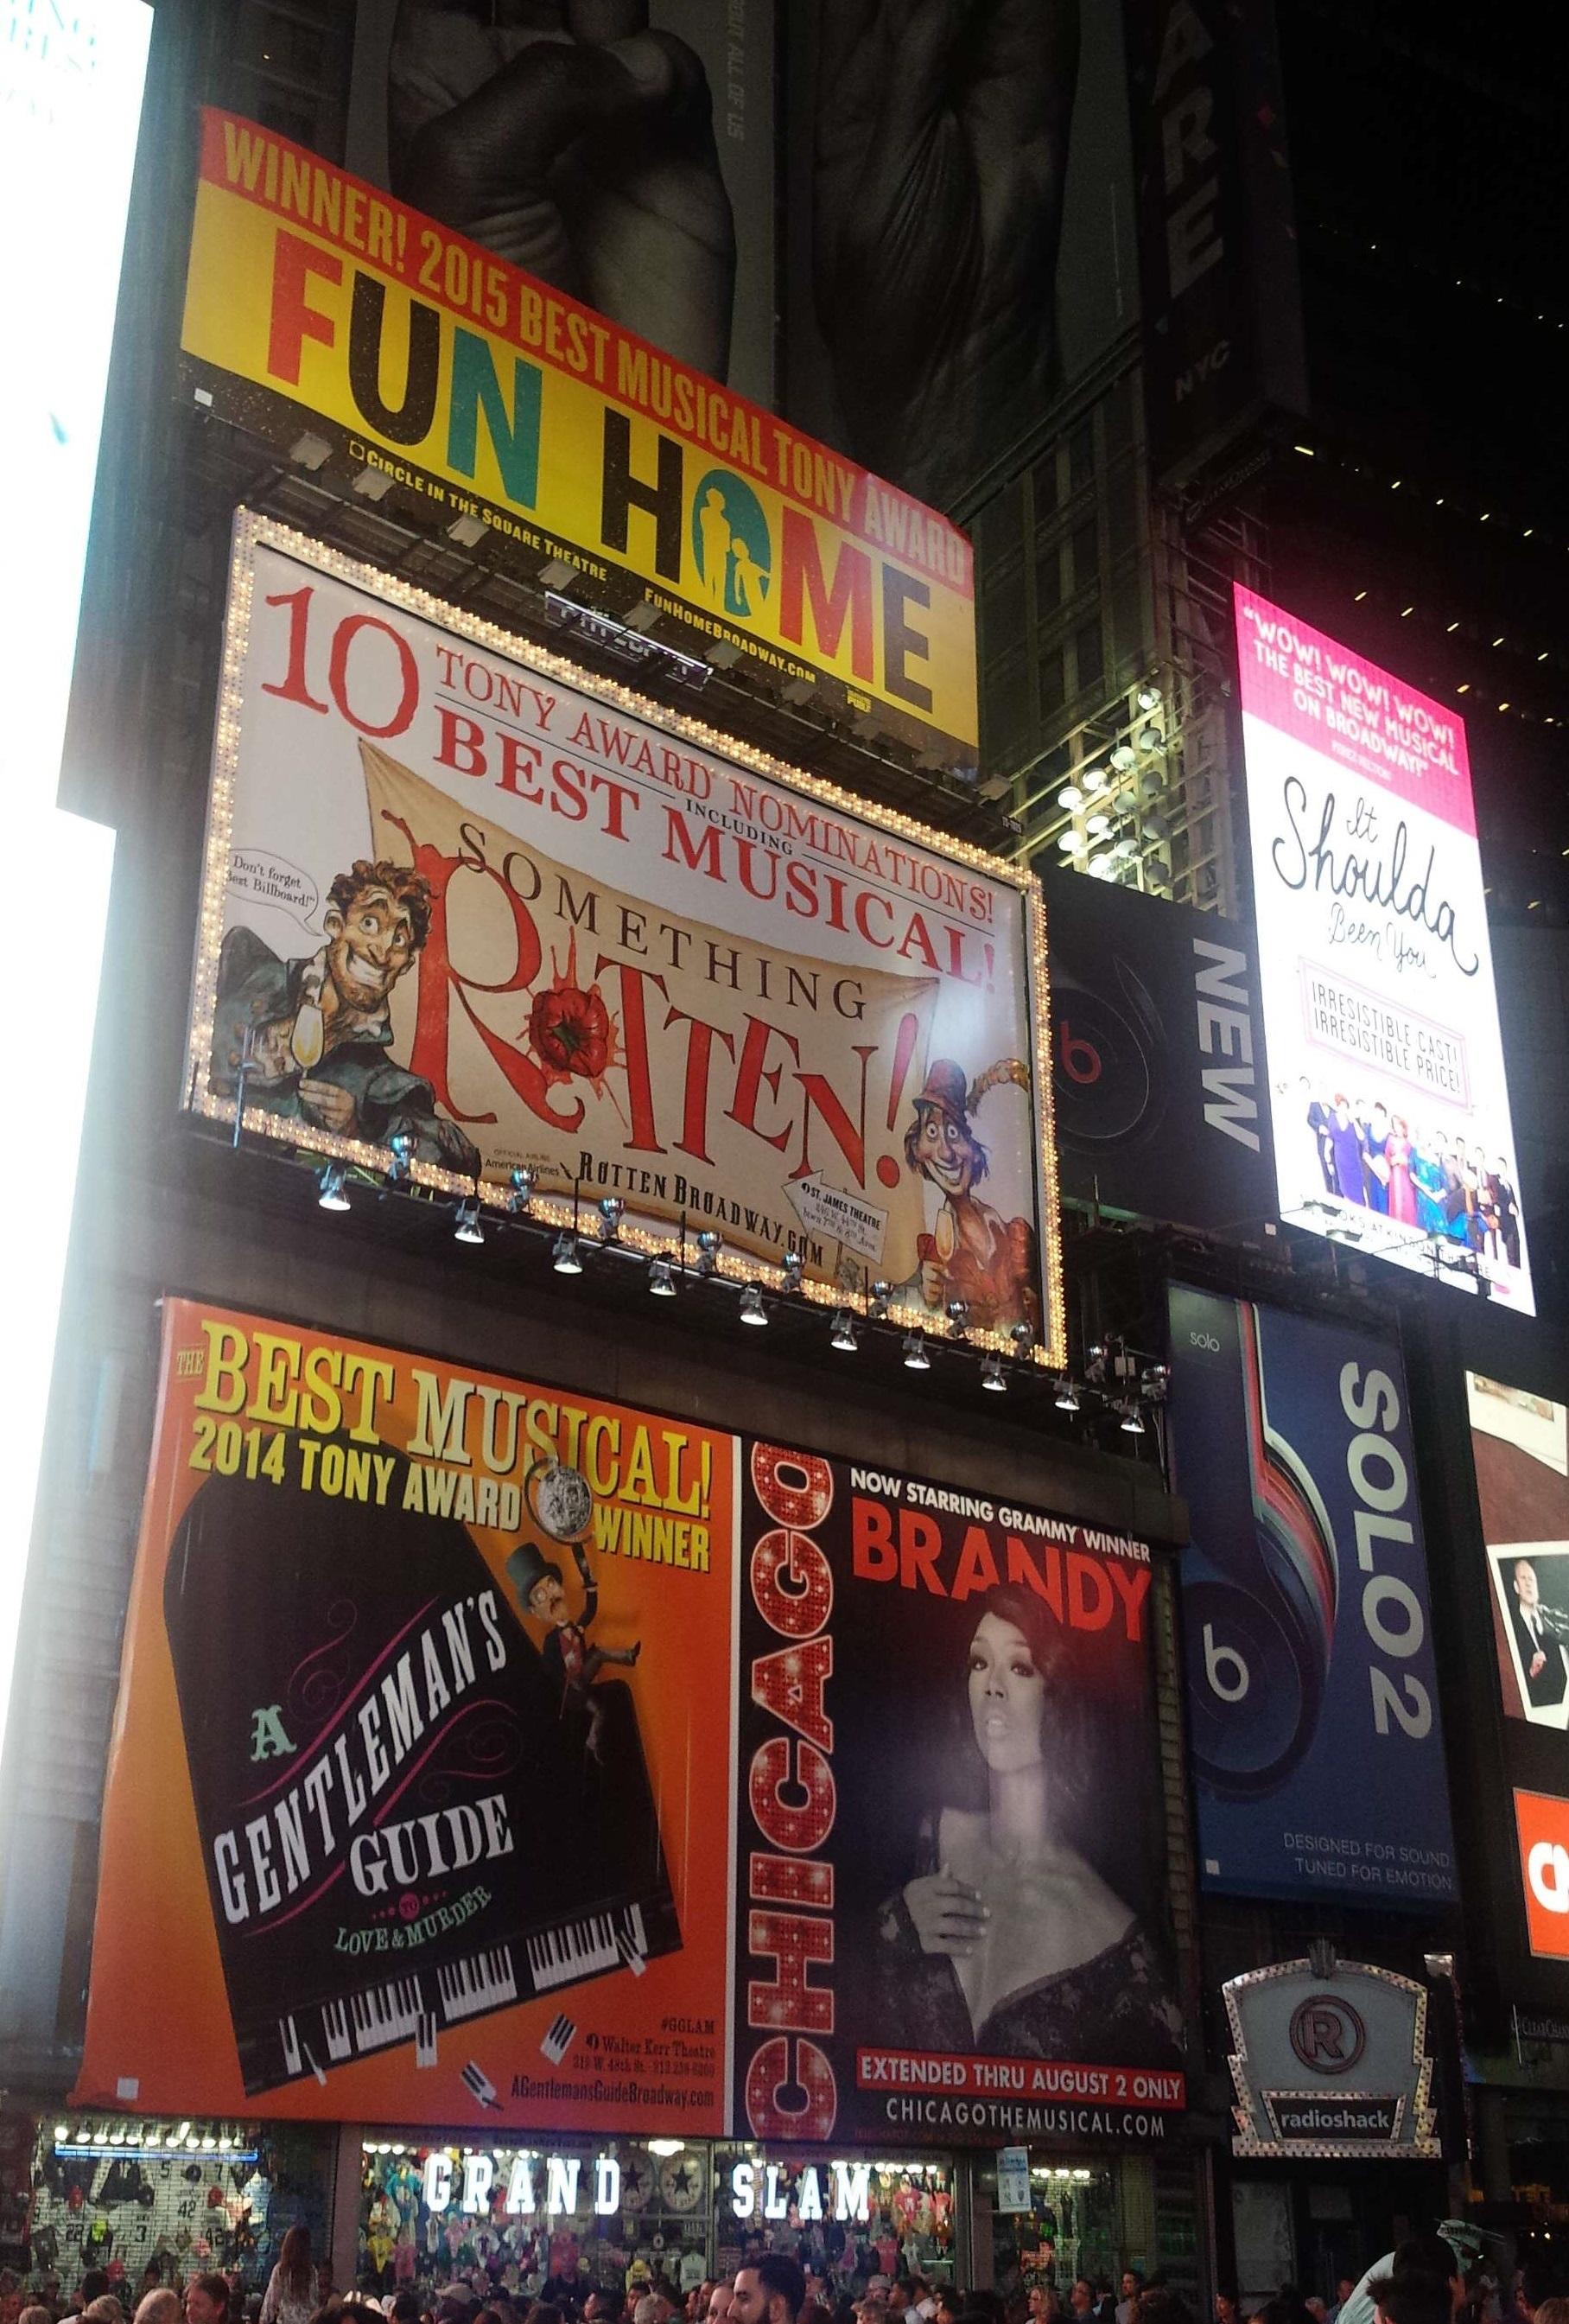 NYのタイムズ・スクエアに並ぶミュージカルの広告たち。「受賞」はもちろん「ノミネート」だけで大きな宣伝文句となる